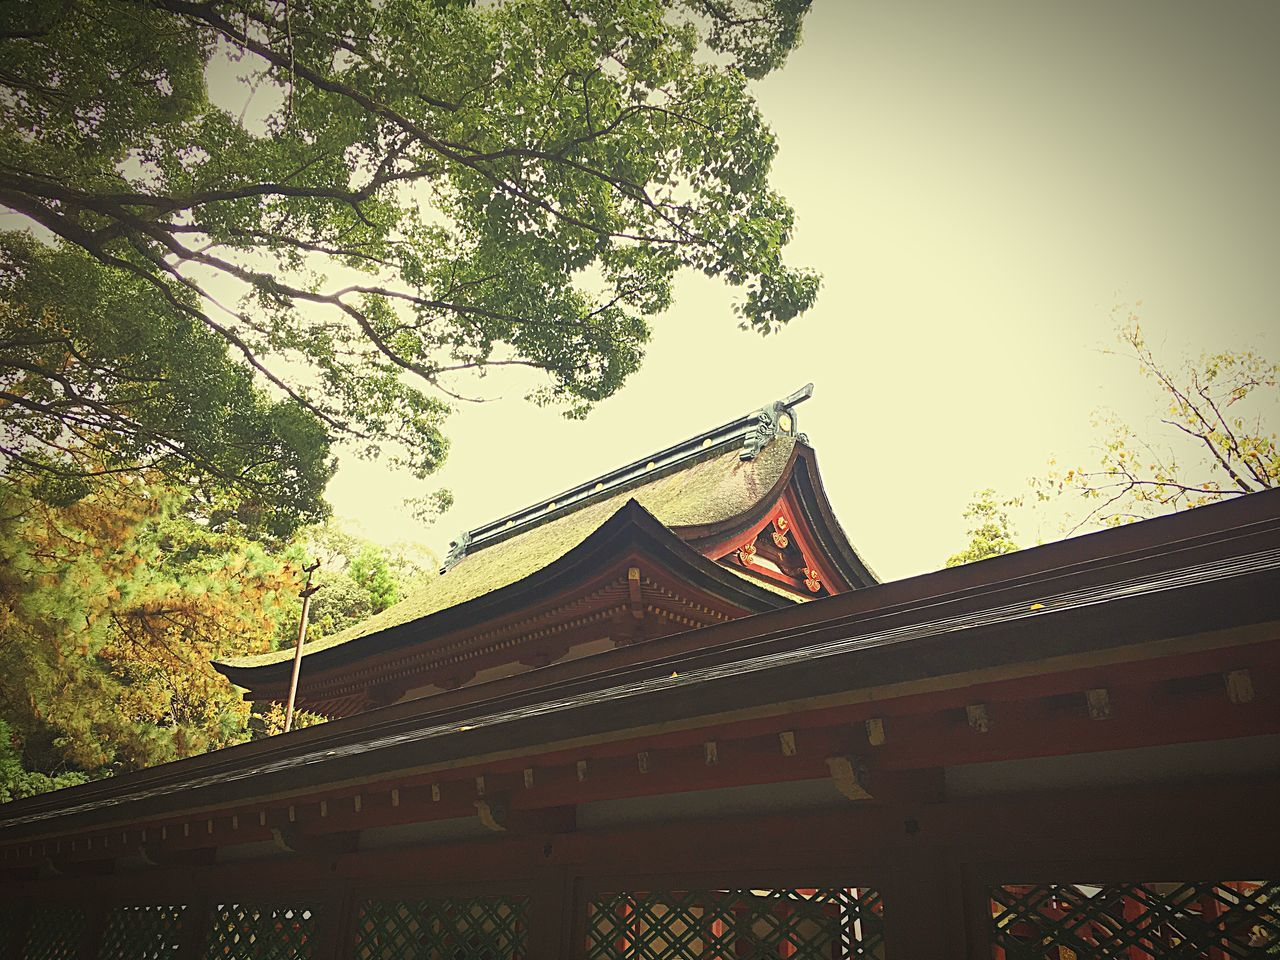 香椎宮5〜 Japanese Shrine Architecture Building Exterior Low Angle View Tree Tradition Trees And Sky Shrine Of Japan Shrine TreePorn Tree_collection  Eyeemphotography Beauty In Nature Fukuoka,Japan